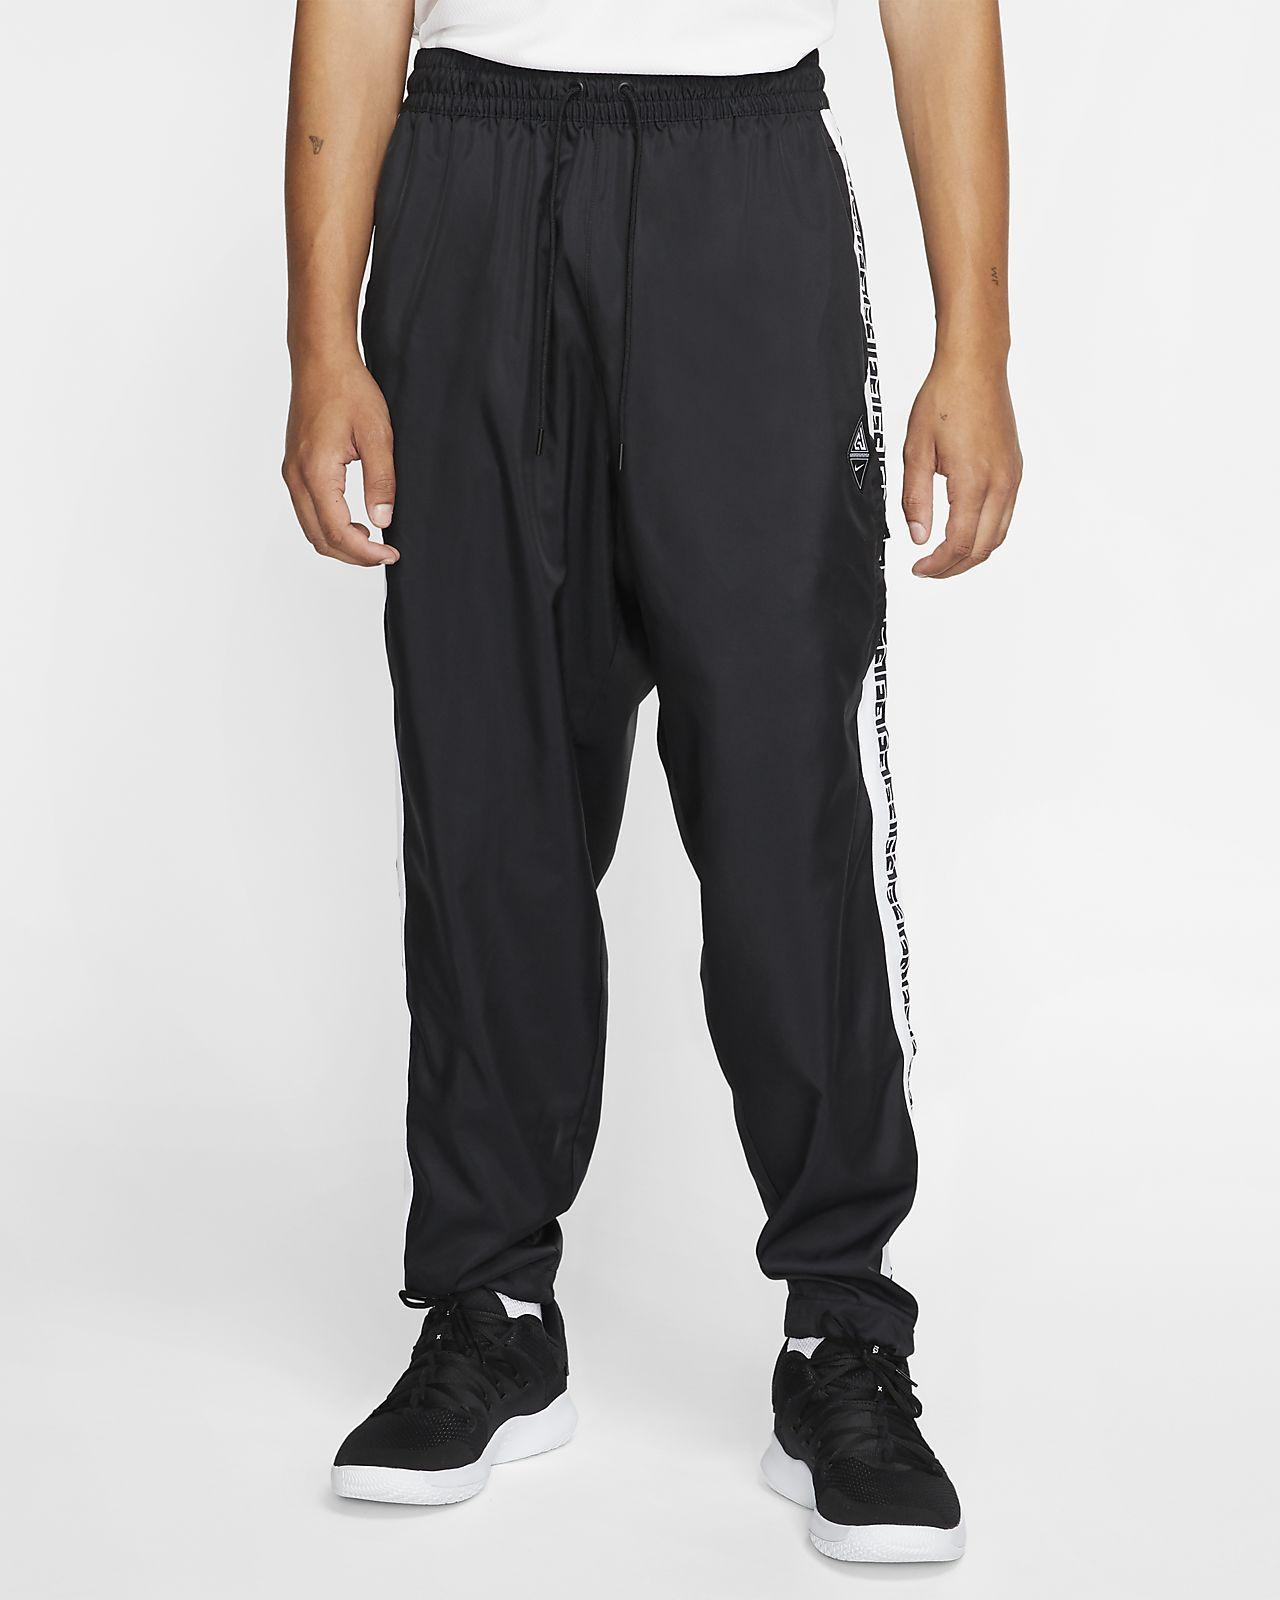 Pantalon de survêtement de basketball à logo Giannis pour Homme